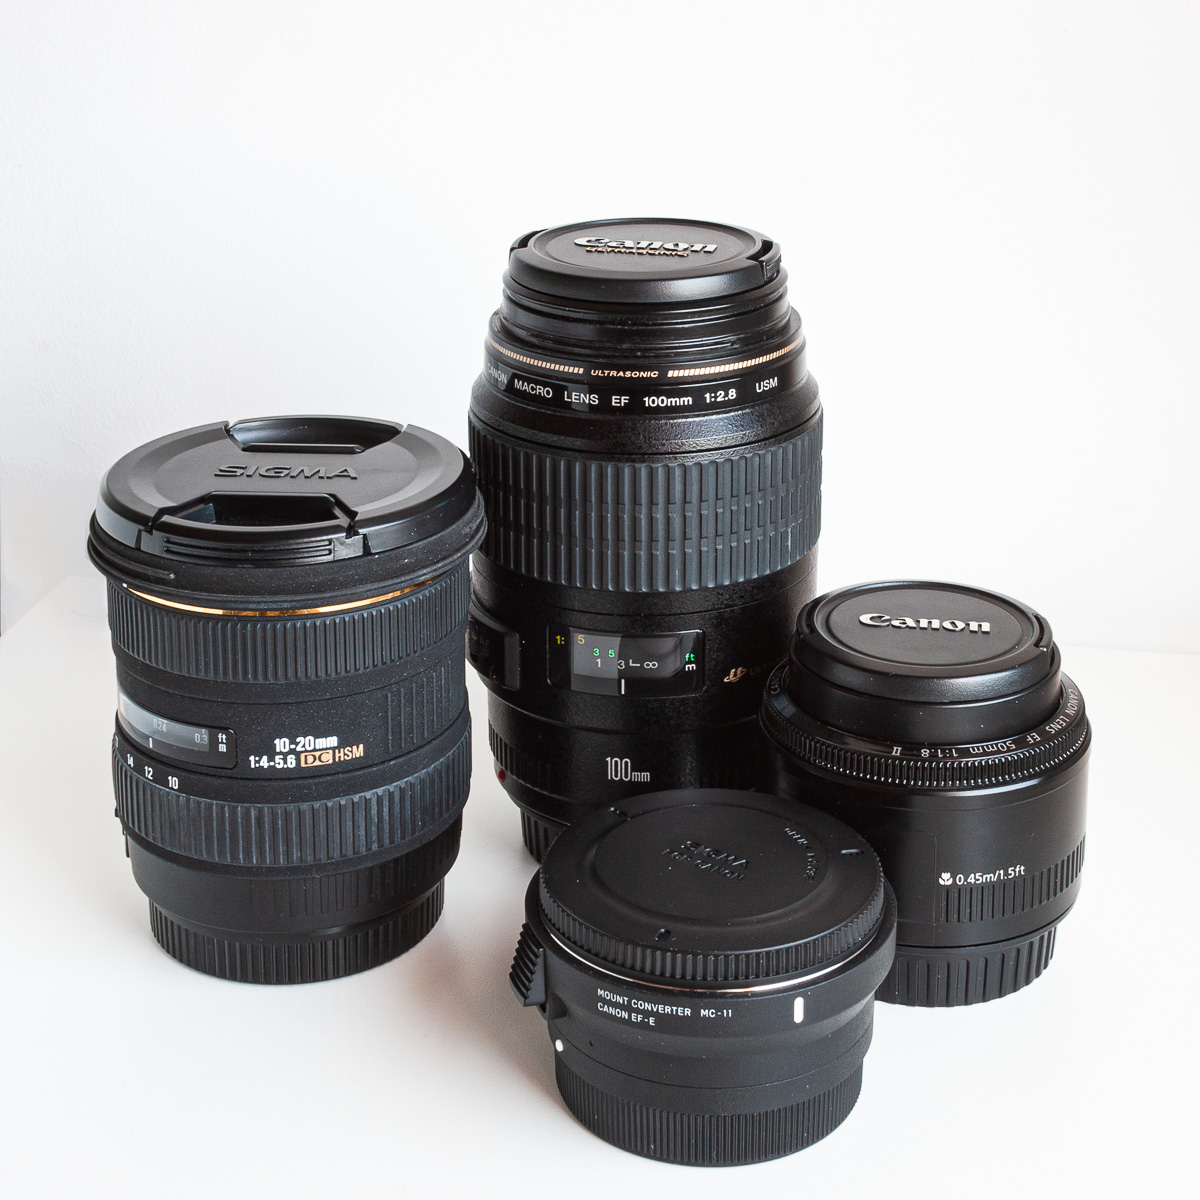 adaptador MC-11 junto al Sigma 10-20mm, el Canon 100mm Macro USM y el Canon 50mm 1.8 II